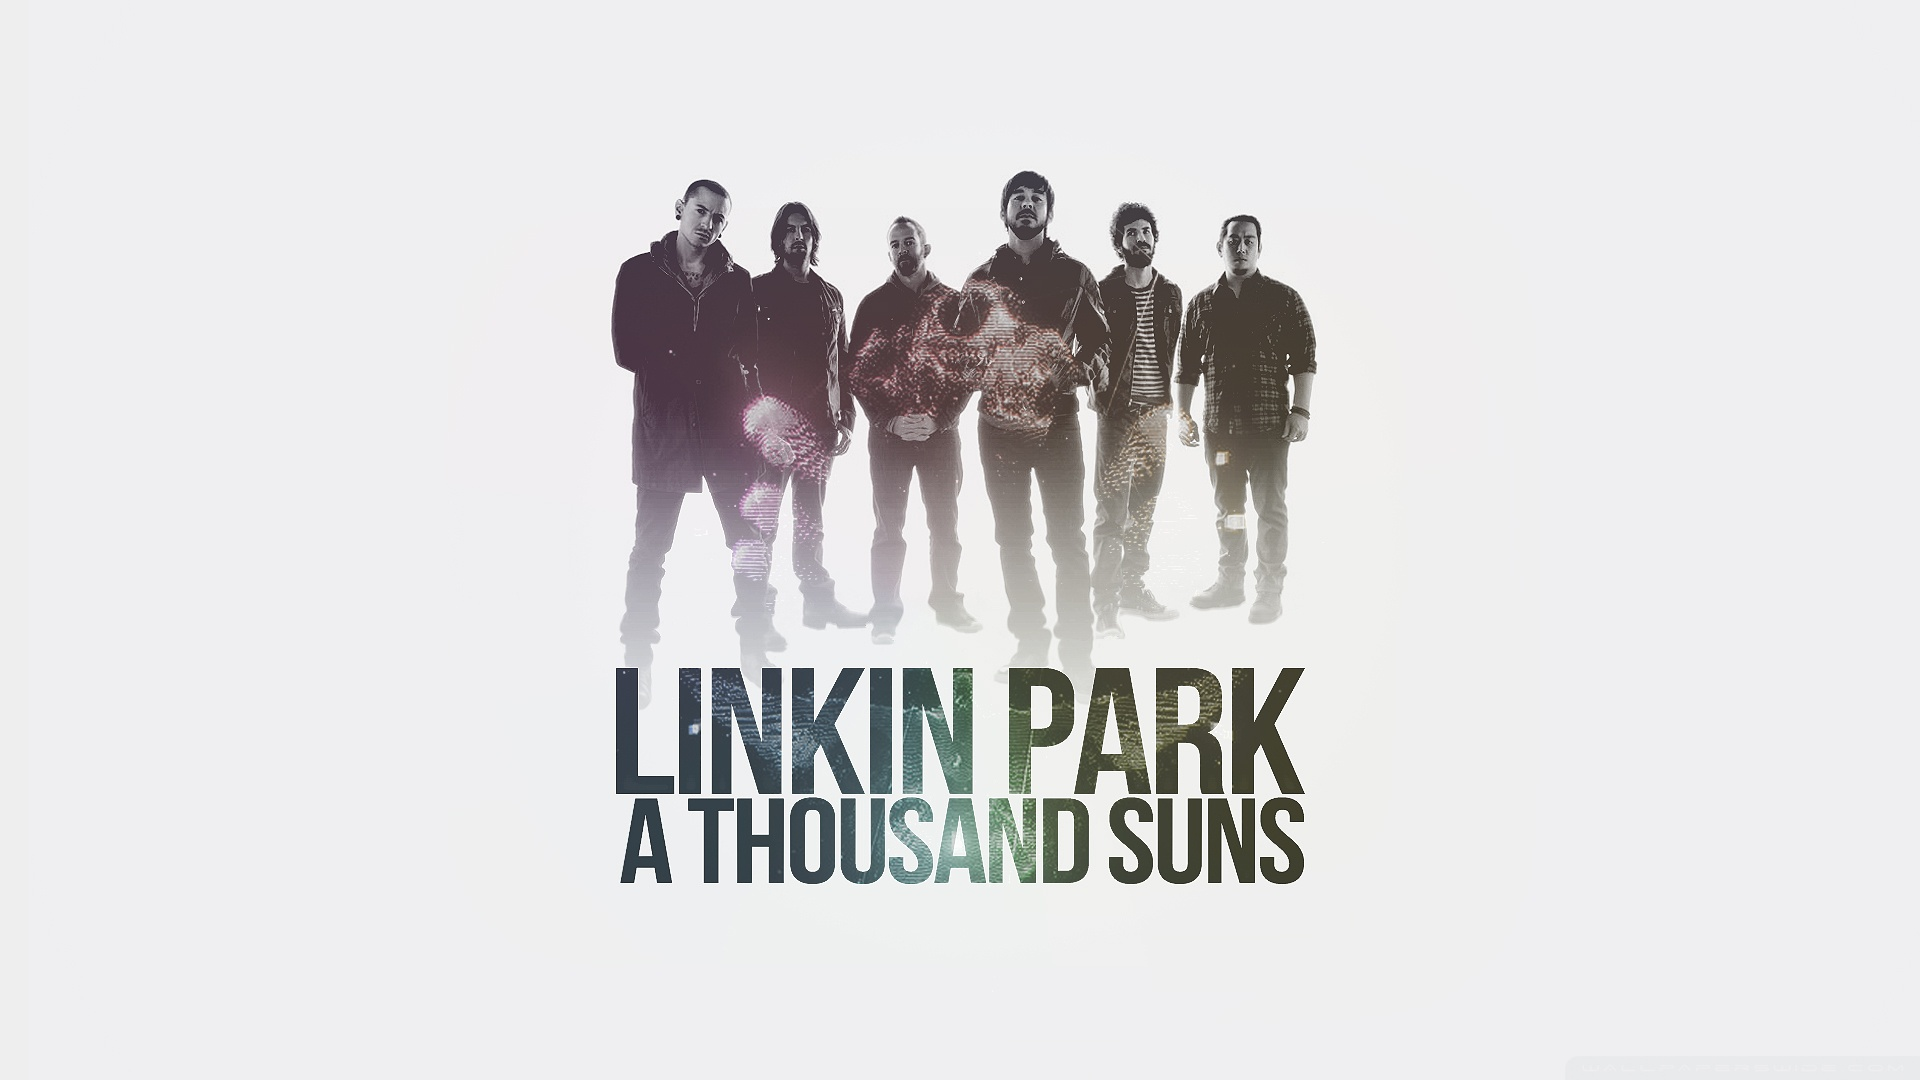 Linkin Park A Thousand Suns HD Wallpaper